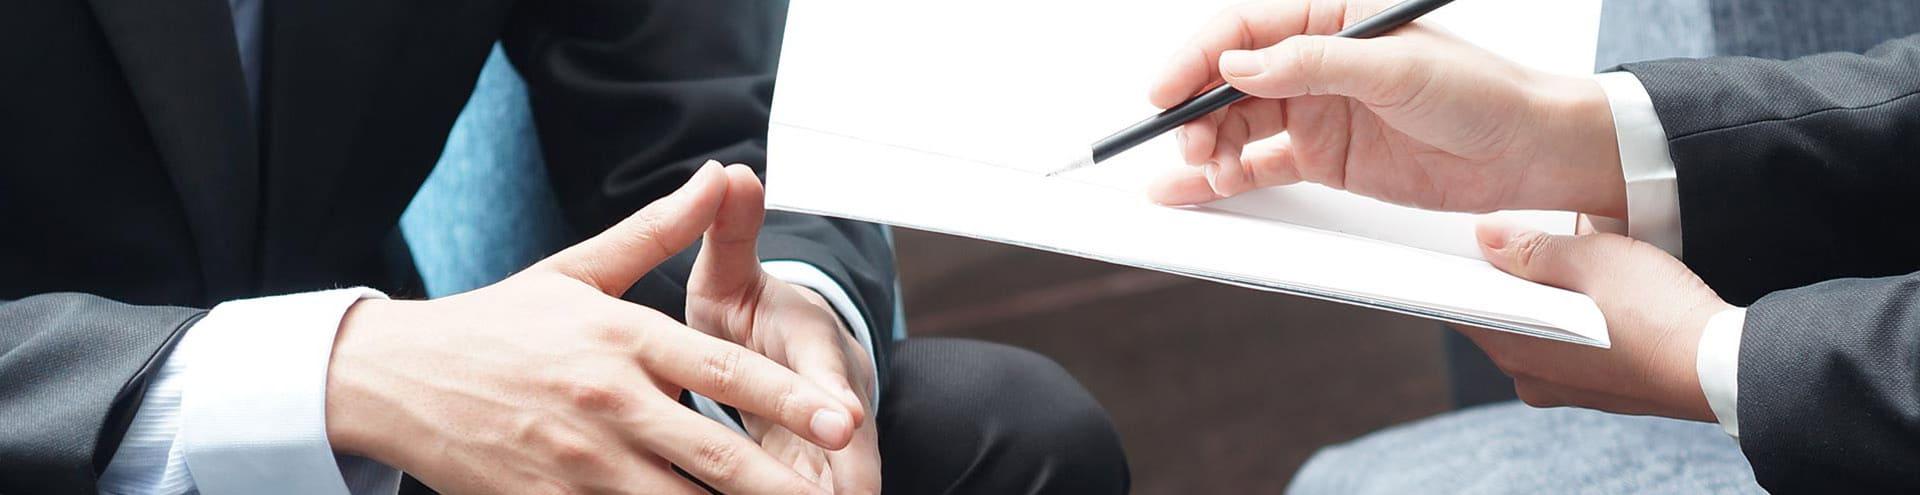 гарантии оказания юридических услуг в Оренбурге